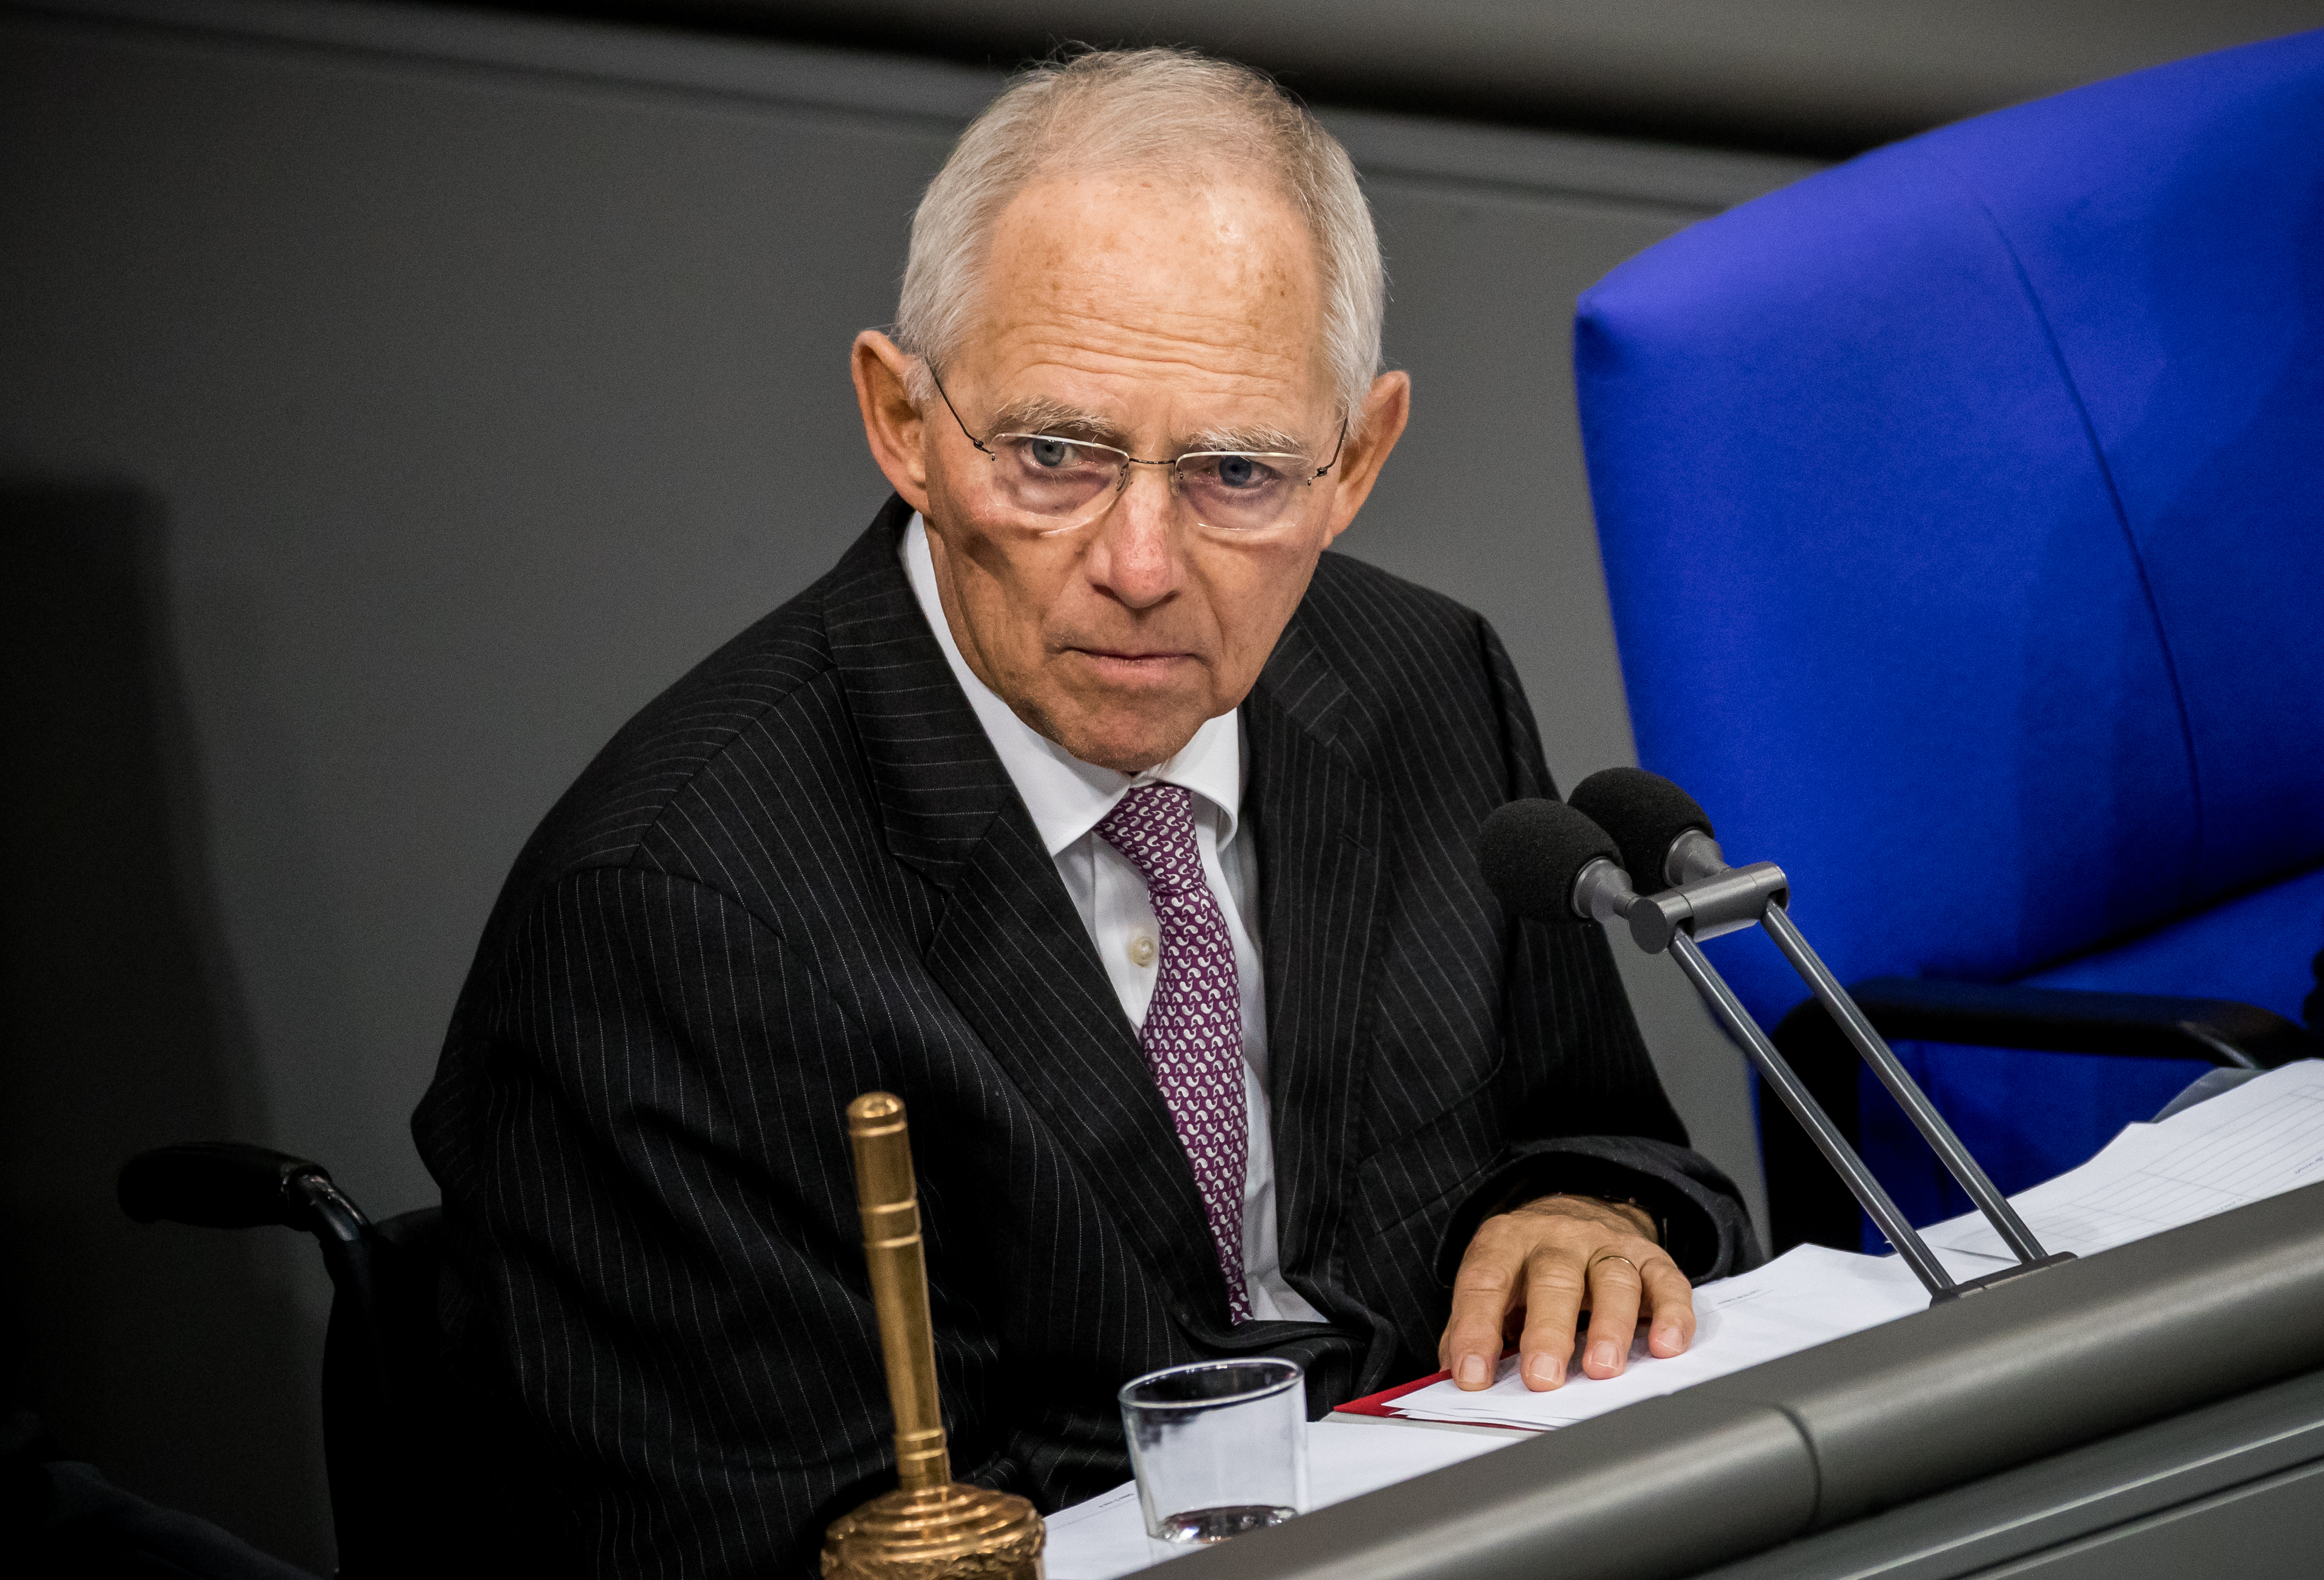 Letiltotta a twitterezésről a német képviselőket a Bundestag új elnöke